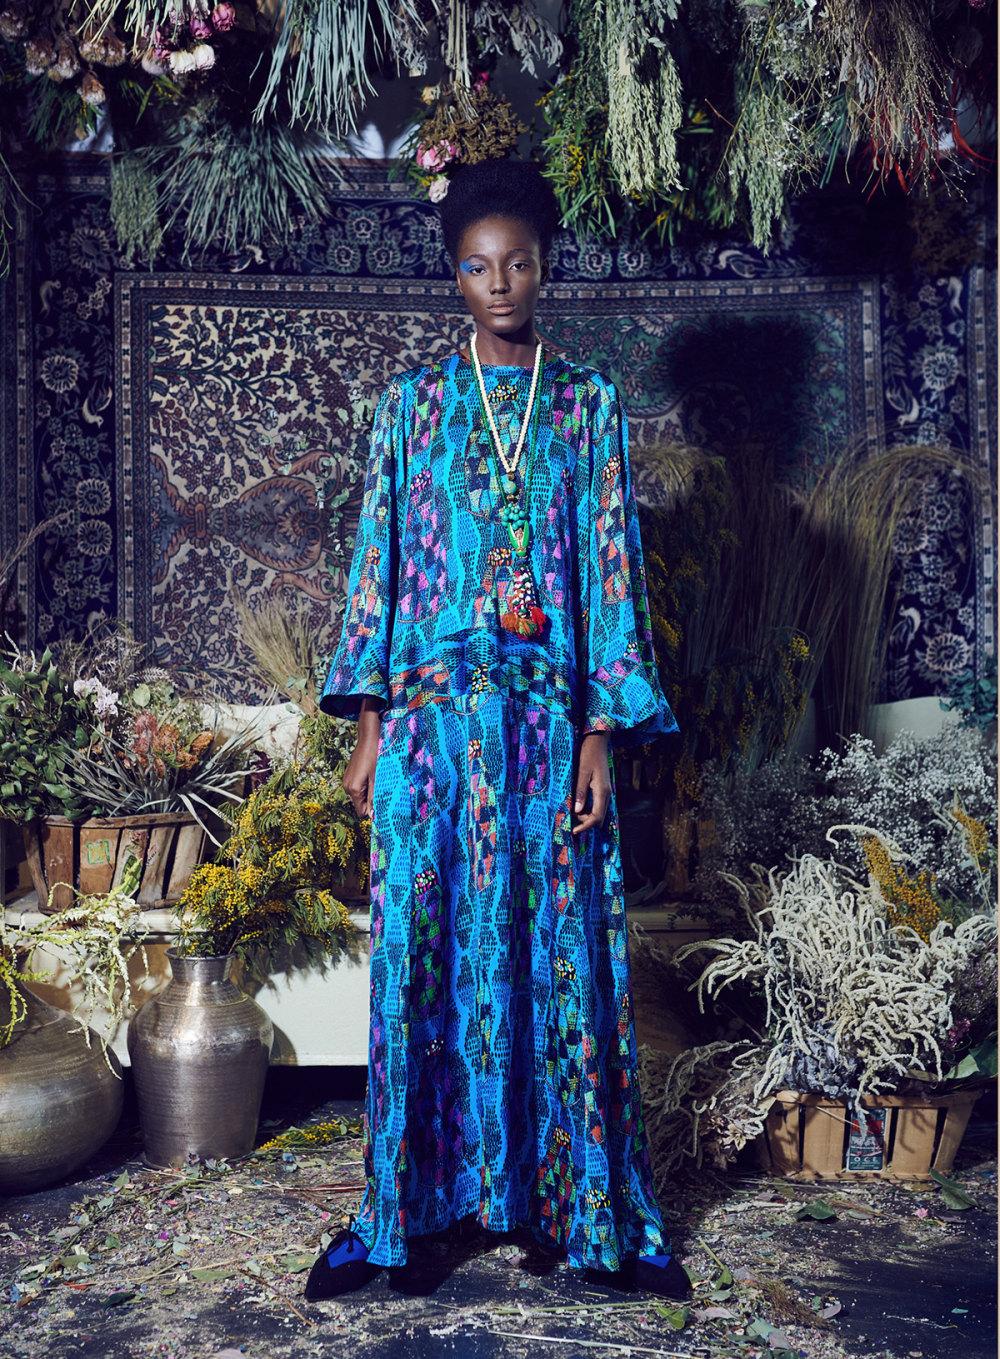 Rianna+Nina时装系列定制的夹克和金属光泽的七分裤定义未来主义-15.jpg